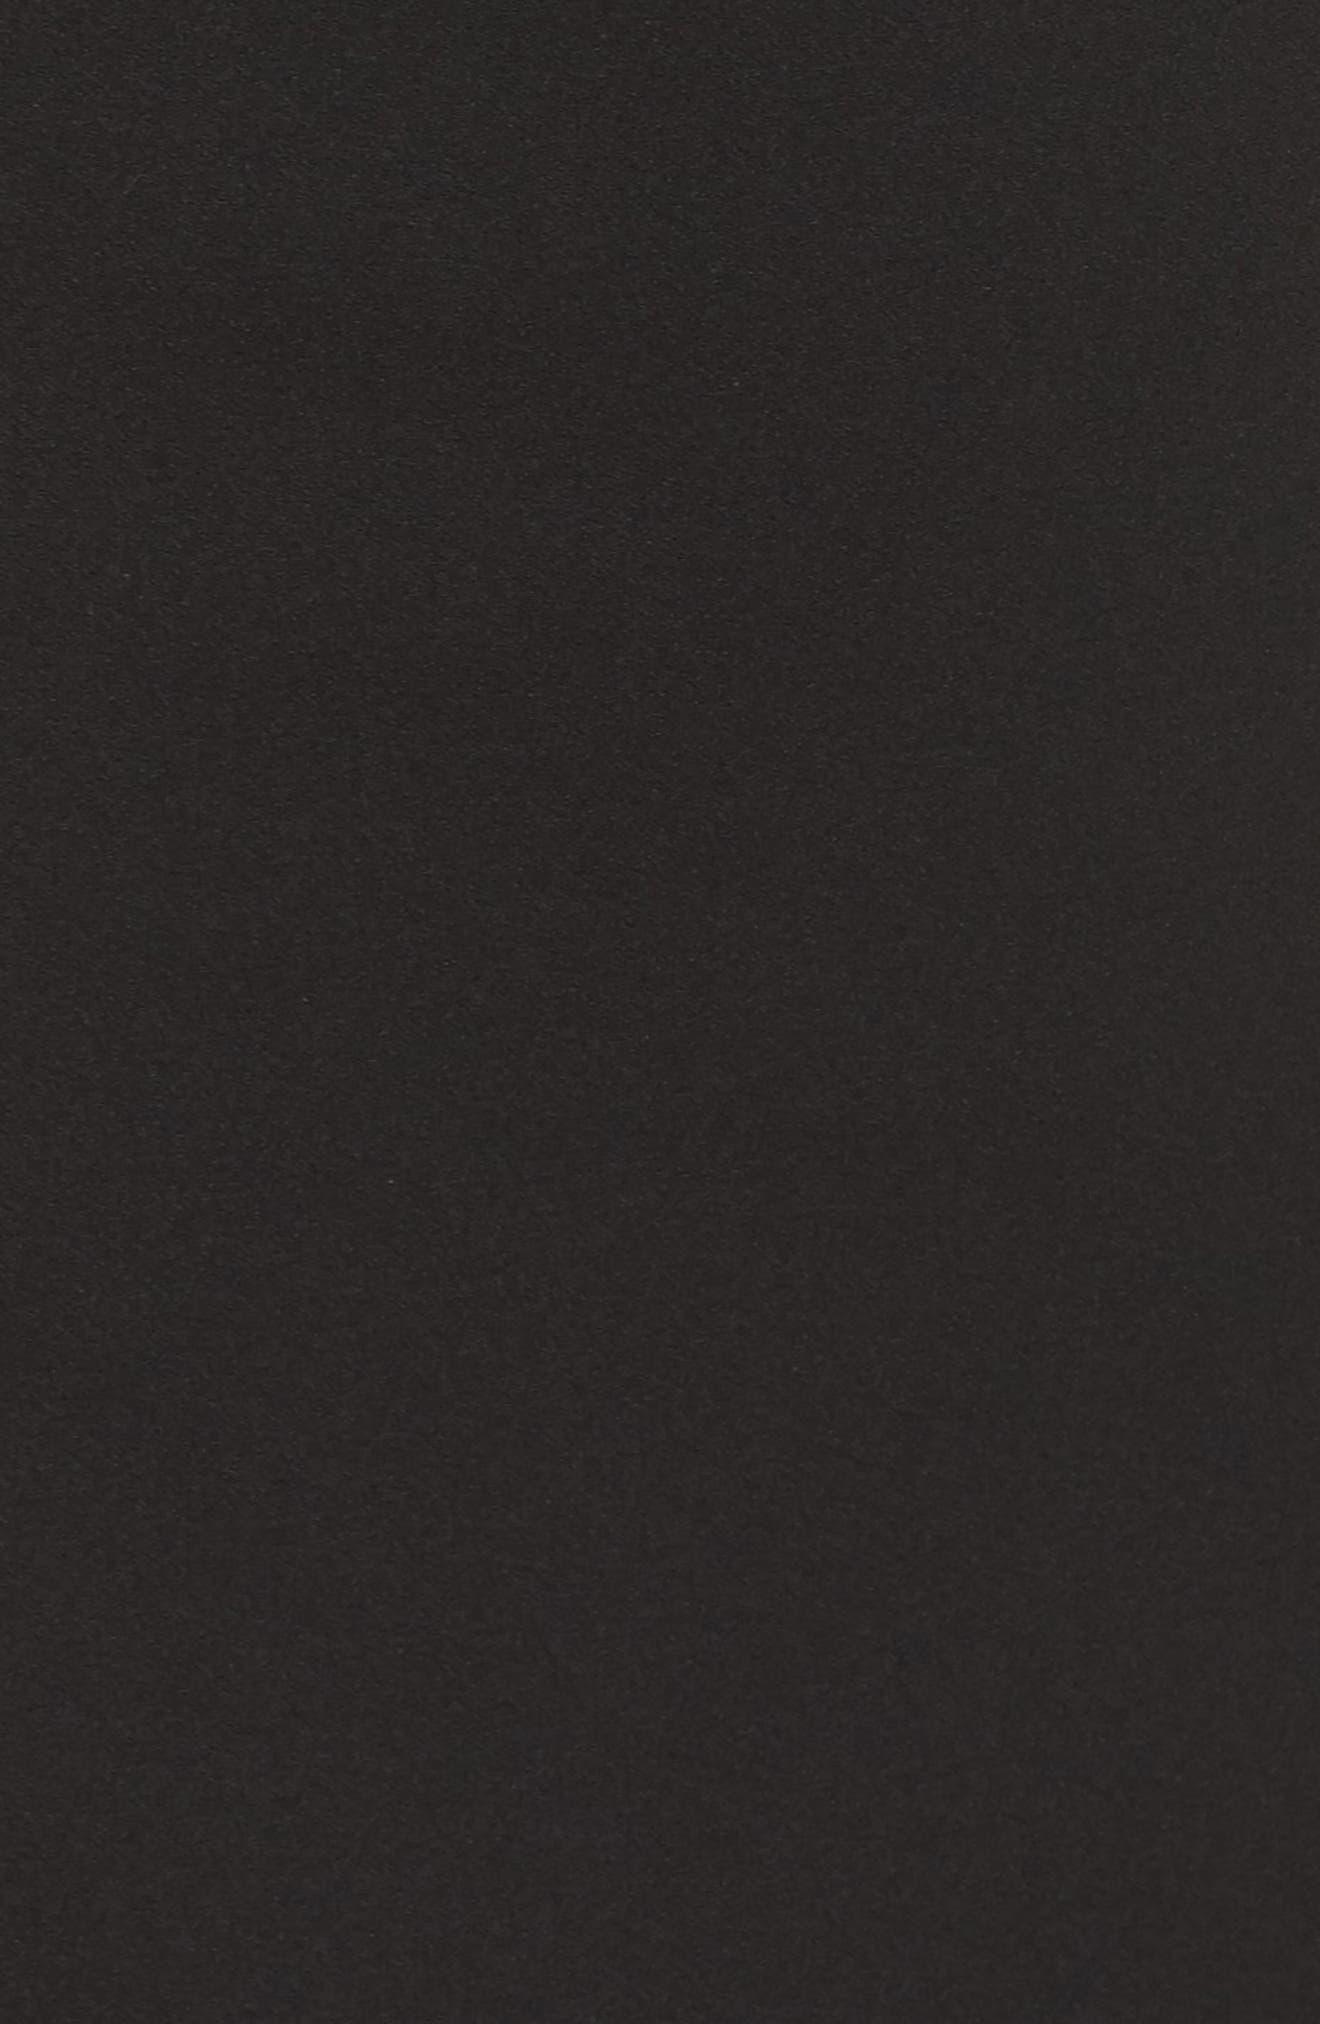 Crepe Ruffle Hem Body-Con Dress,                             Alternate thumbnail 5, color,                             Black